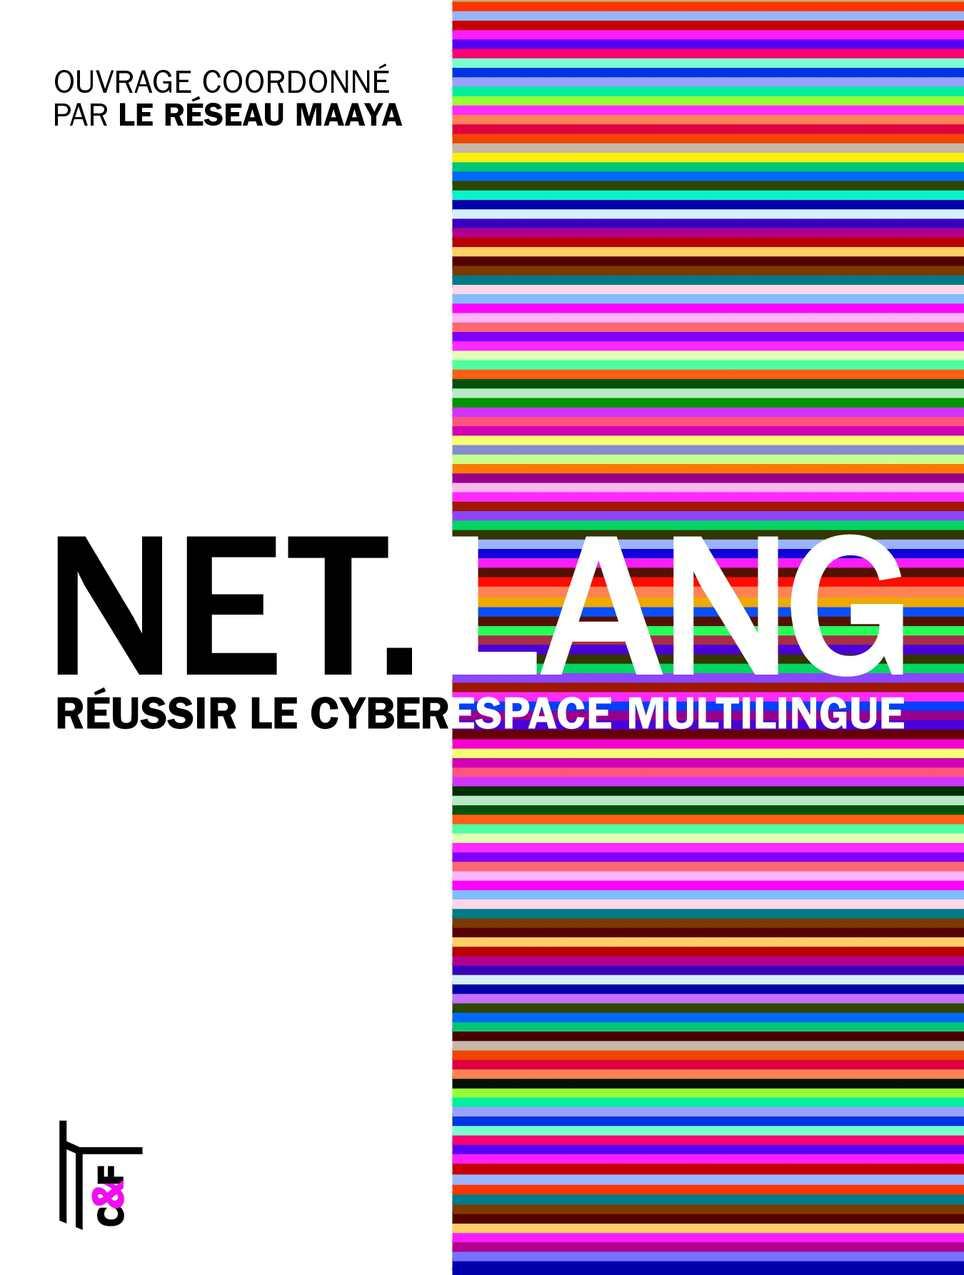 Réussir le cyberespace multilingue